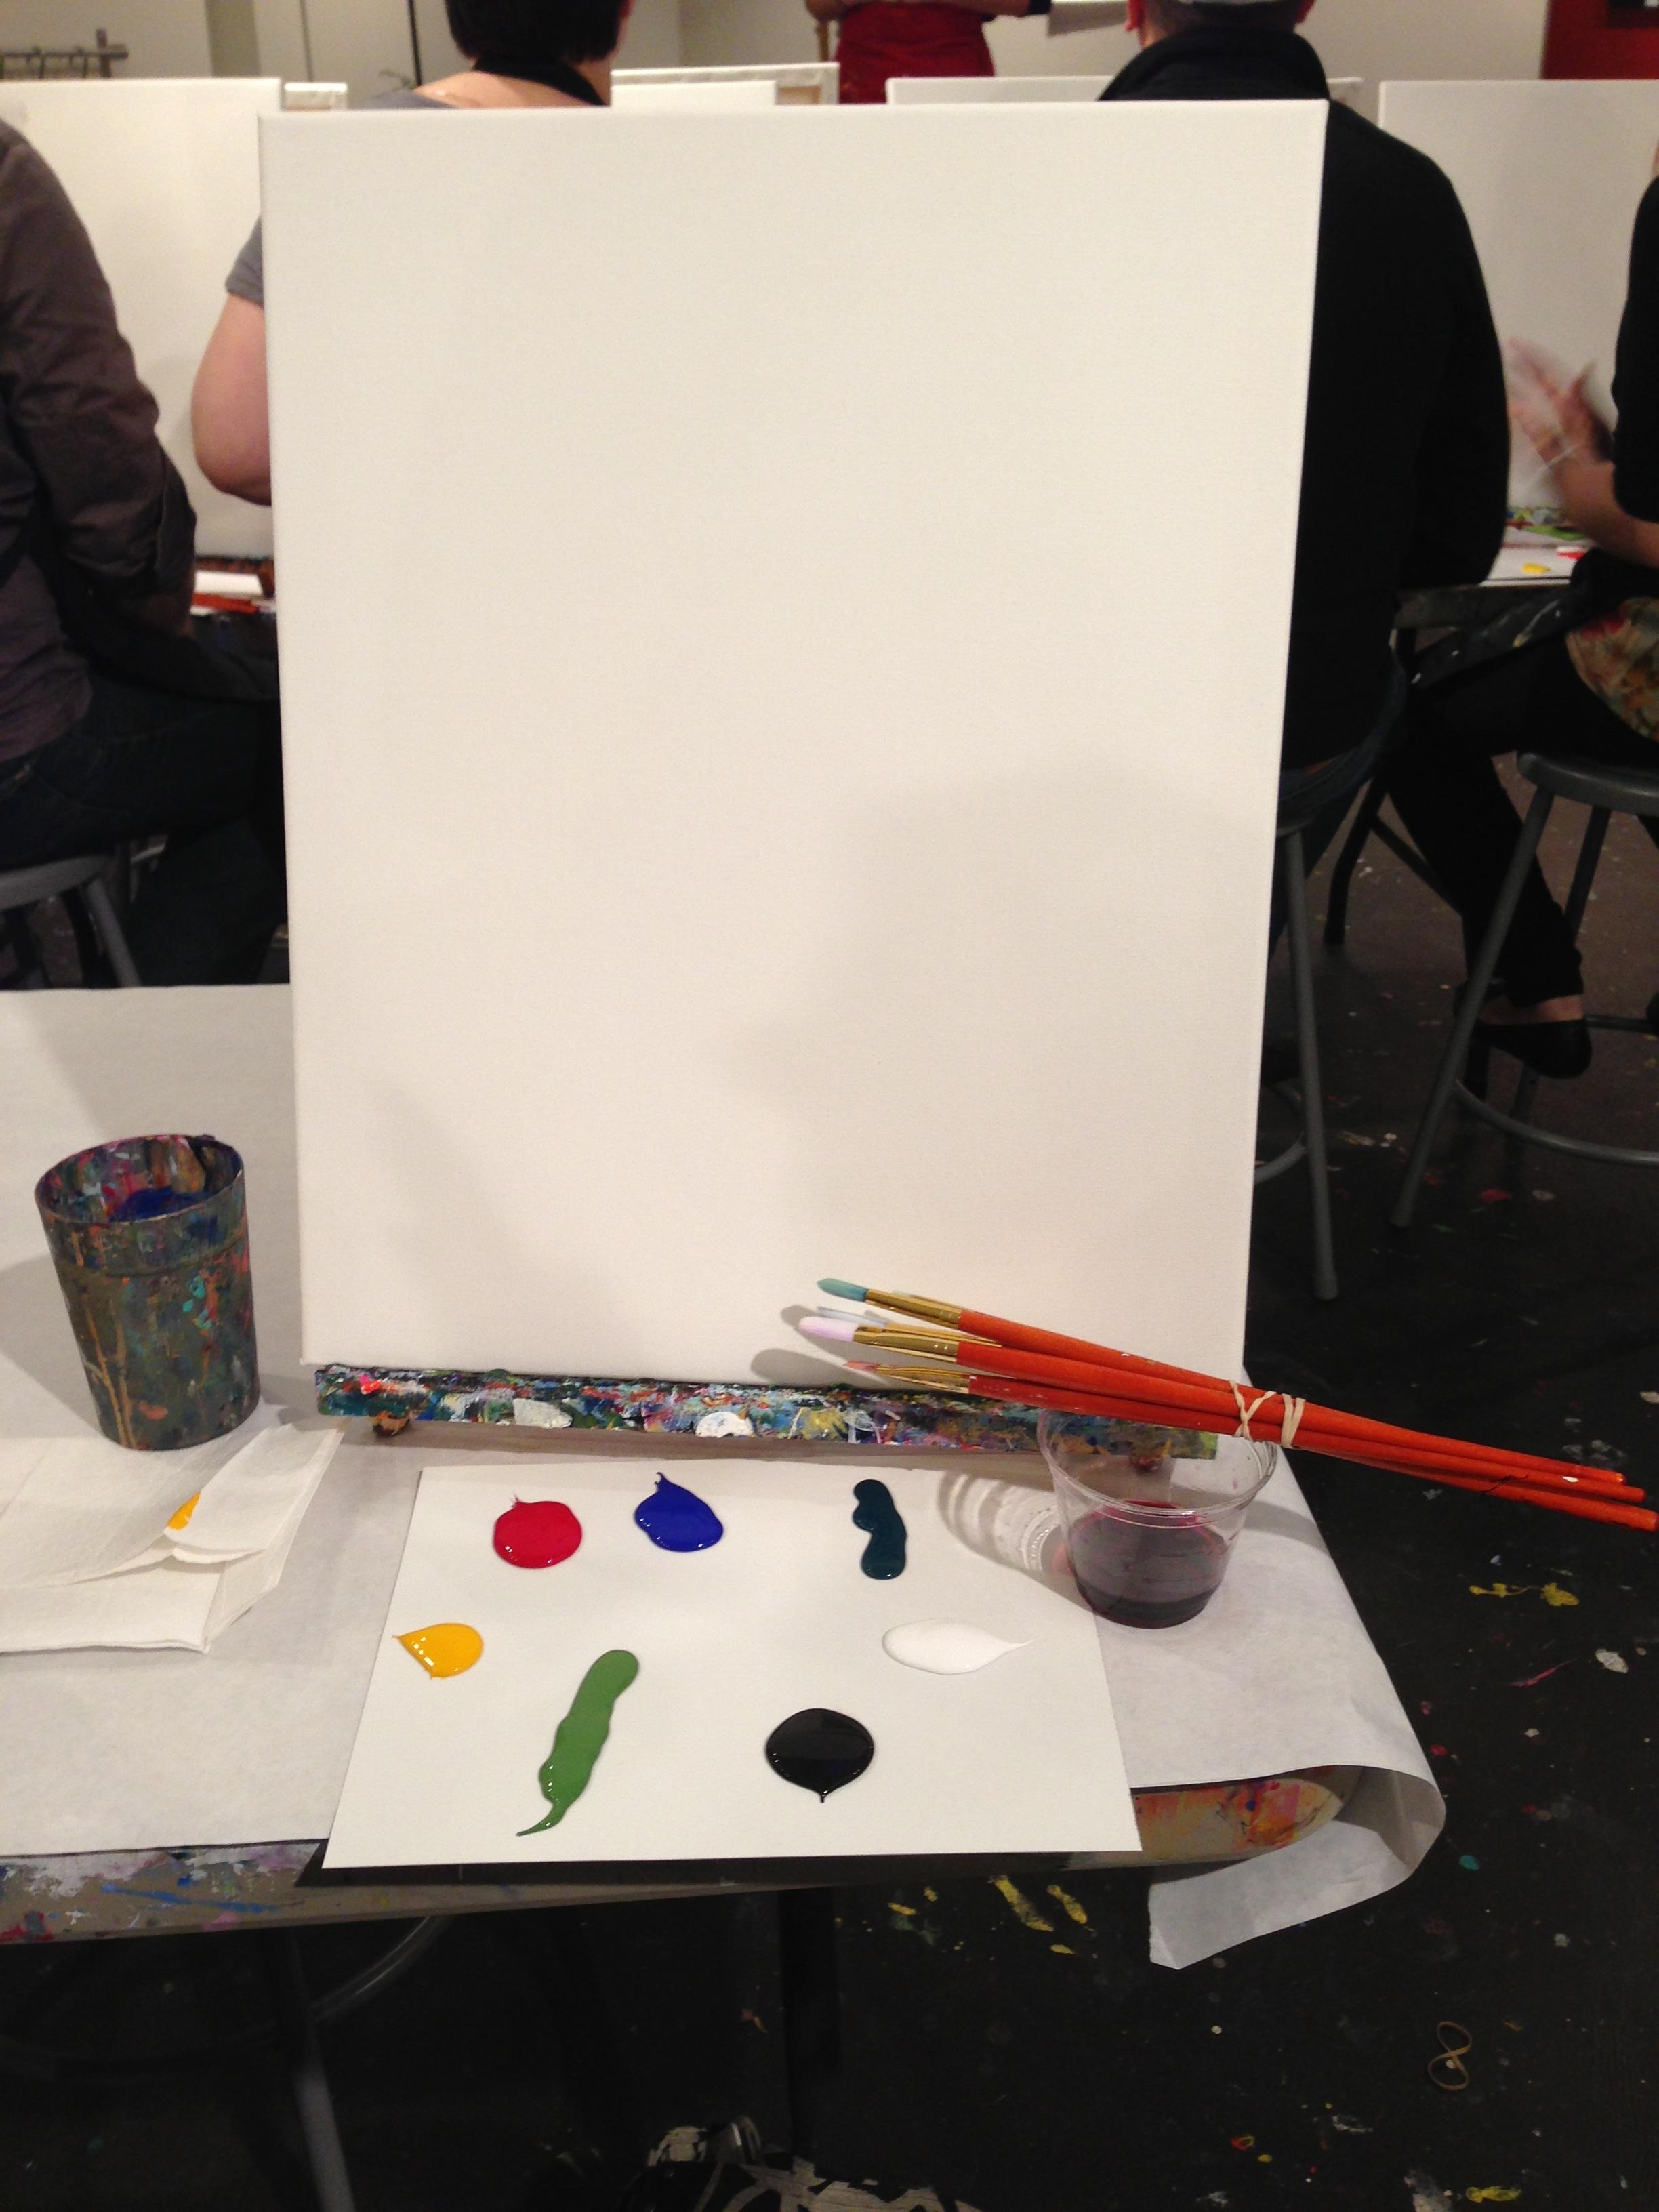 Kostenlose foto : Tabelle, Weiß, reinigen, leer, Malerei, Anfang ...